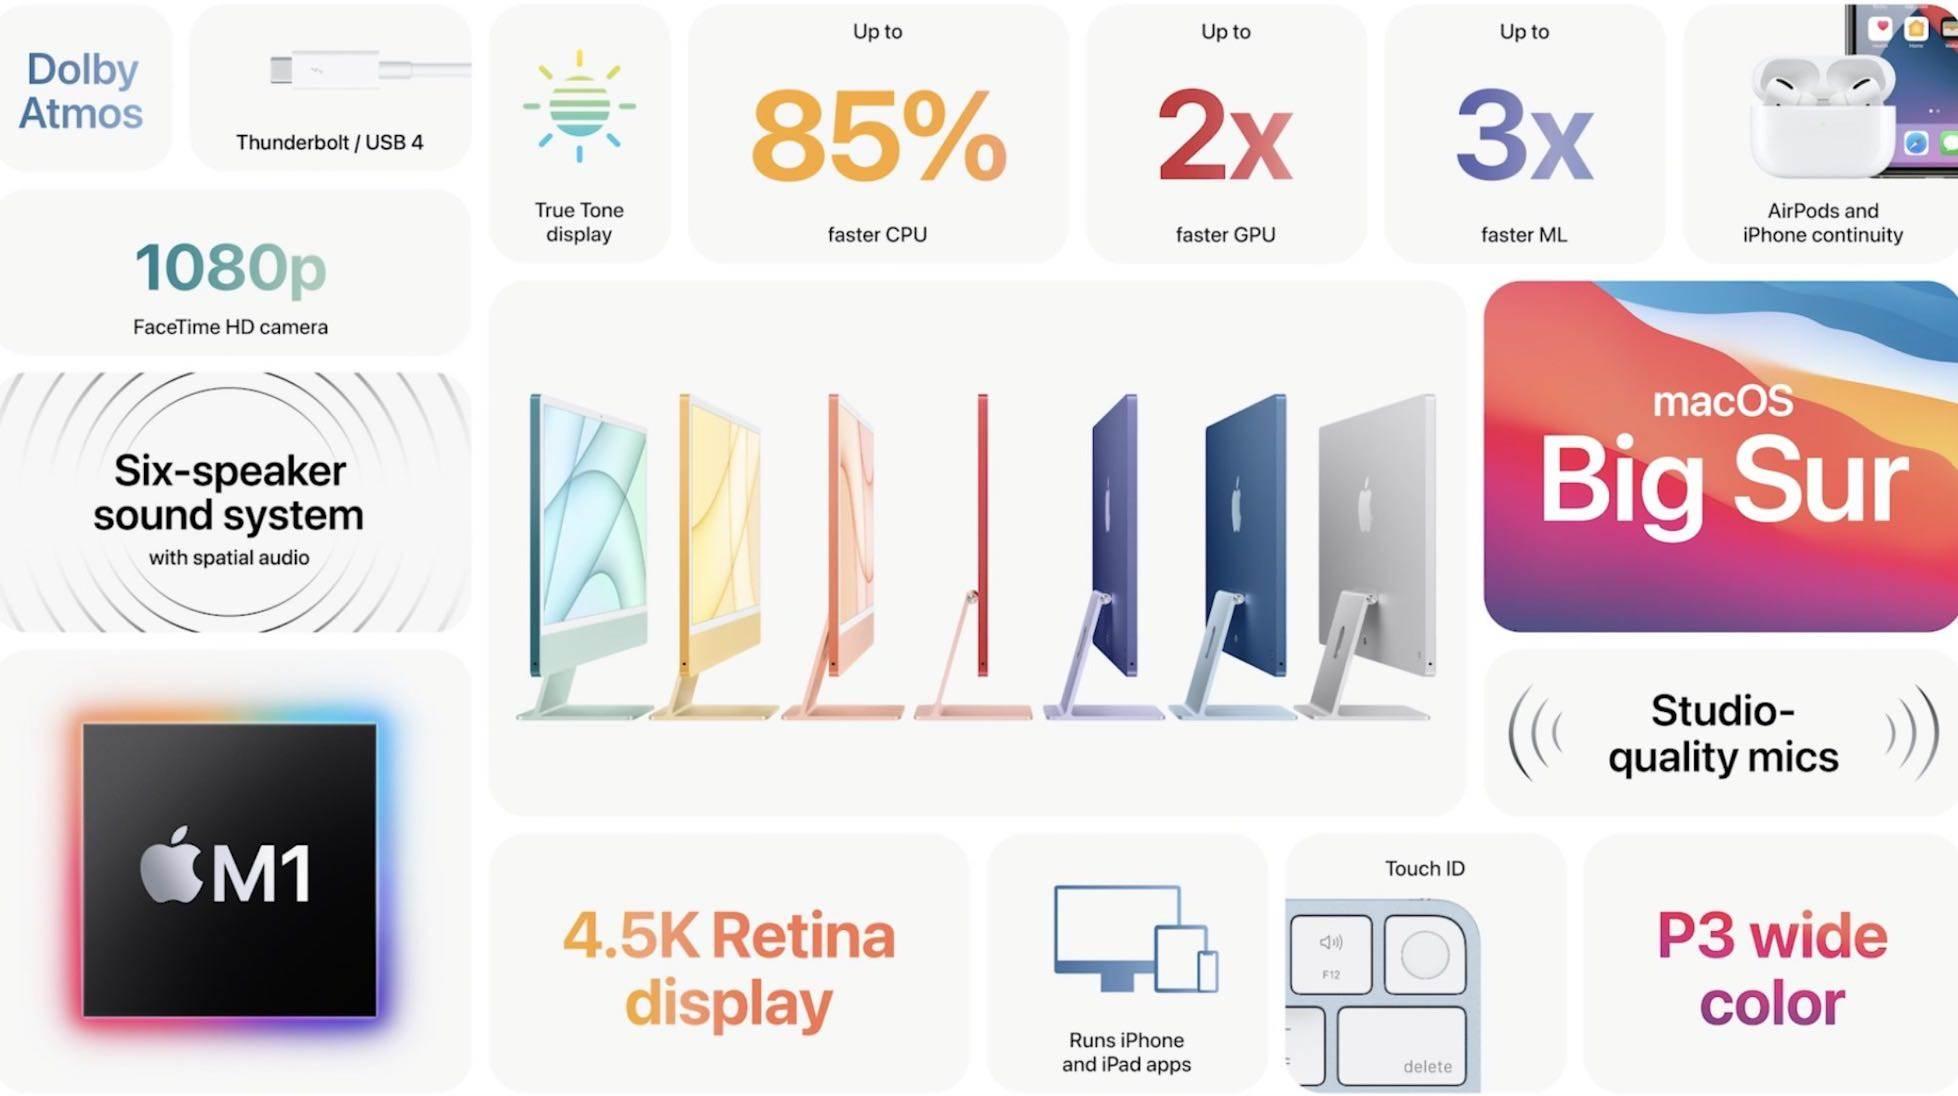 Apple przedstawia przeprojektowany 24-calowy iMac w nowych, odważnych kolorach polecane, ciekawostki nowy iMac, iMac 2021, Apple  Firma Apple przedstawiła dzisiaj przeprojektowany iMac z całkowicie nowym wyglądem. Nowy iMac jest dostępny w wielu kolorach i ma znacznie cieńszą konstrukcję niż wychodzące komputery iMac z procesorem Intel. iMac 5